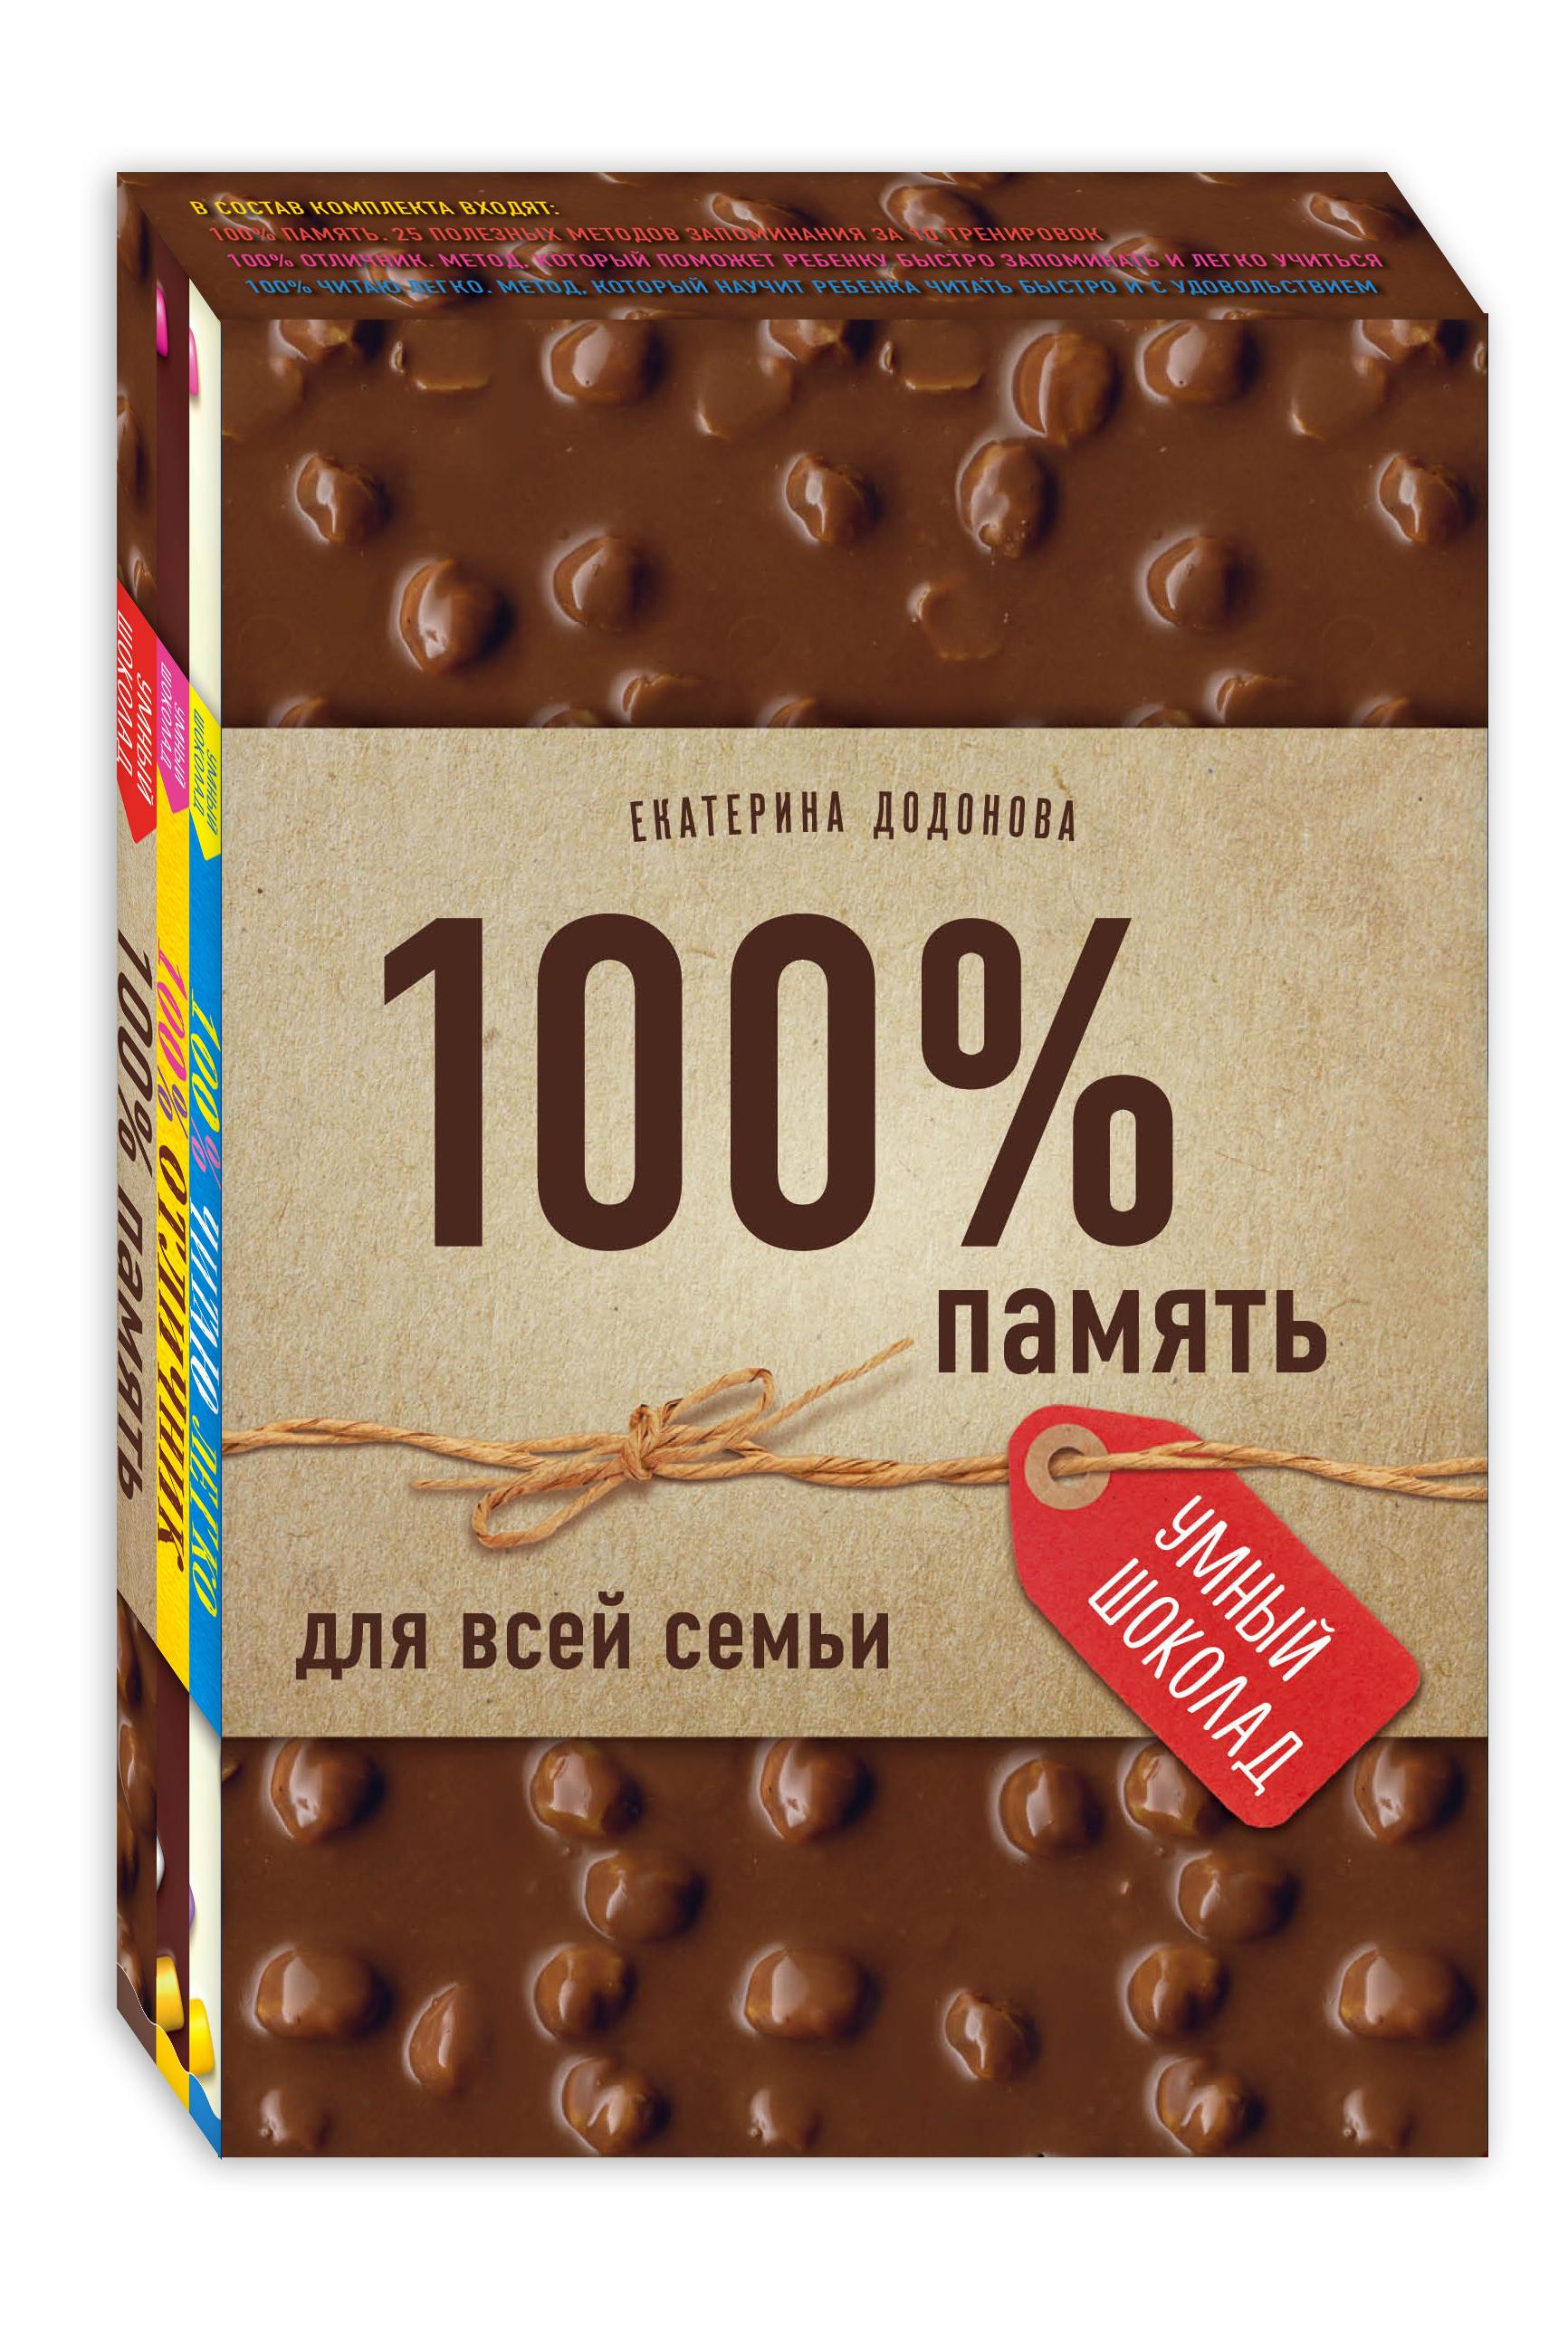 лучшая цена 100% память для всей семьи (100% отличник, 100% память, 100% читаю легко)